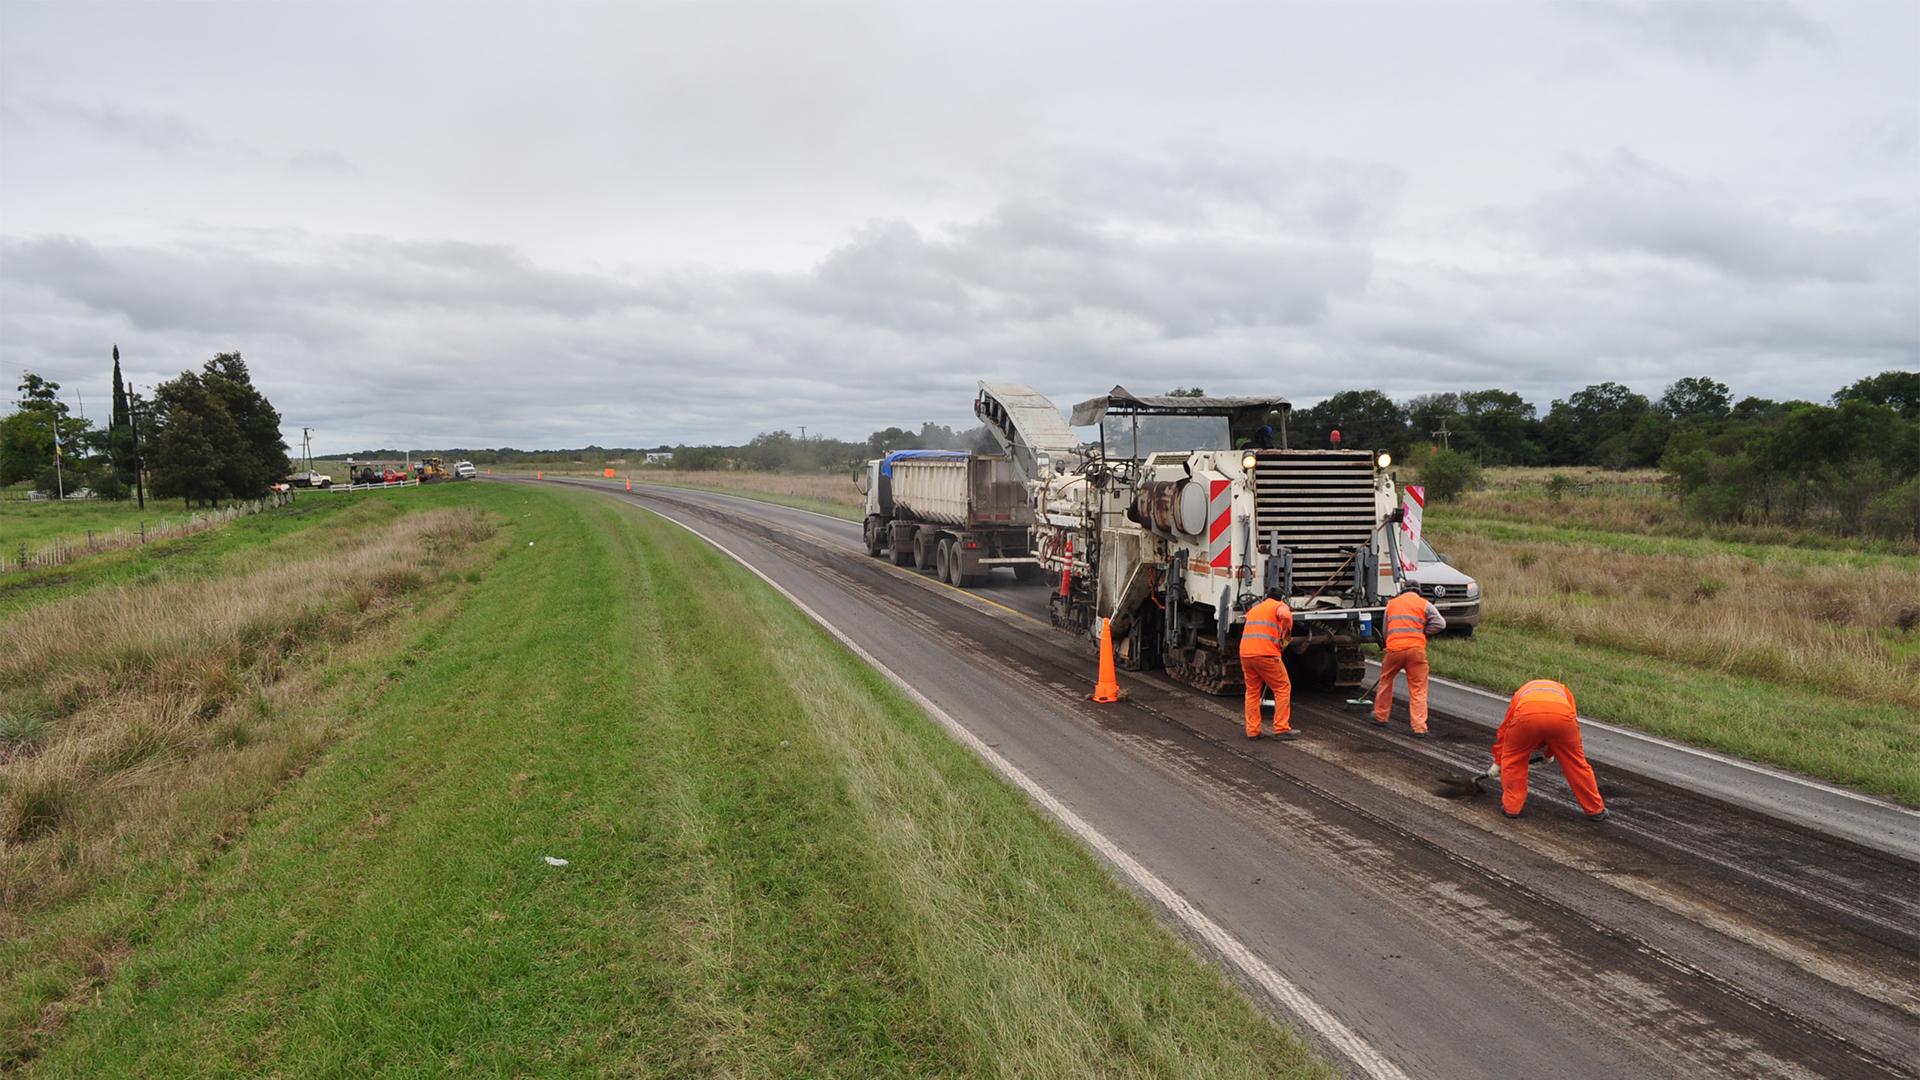 Comenzó la repavimentación de más de 200 km de la ruta 11 entre Reconquista y Resistencia   Argentina.gob.ar